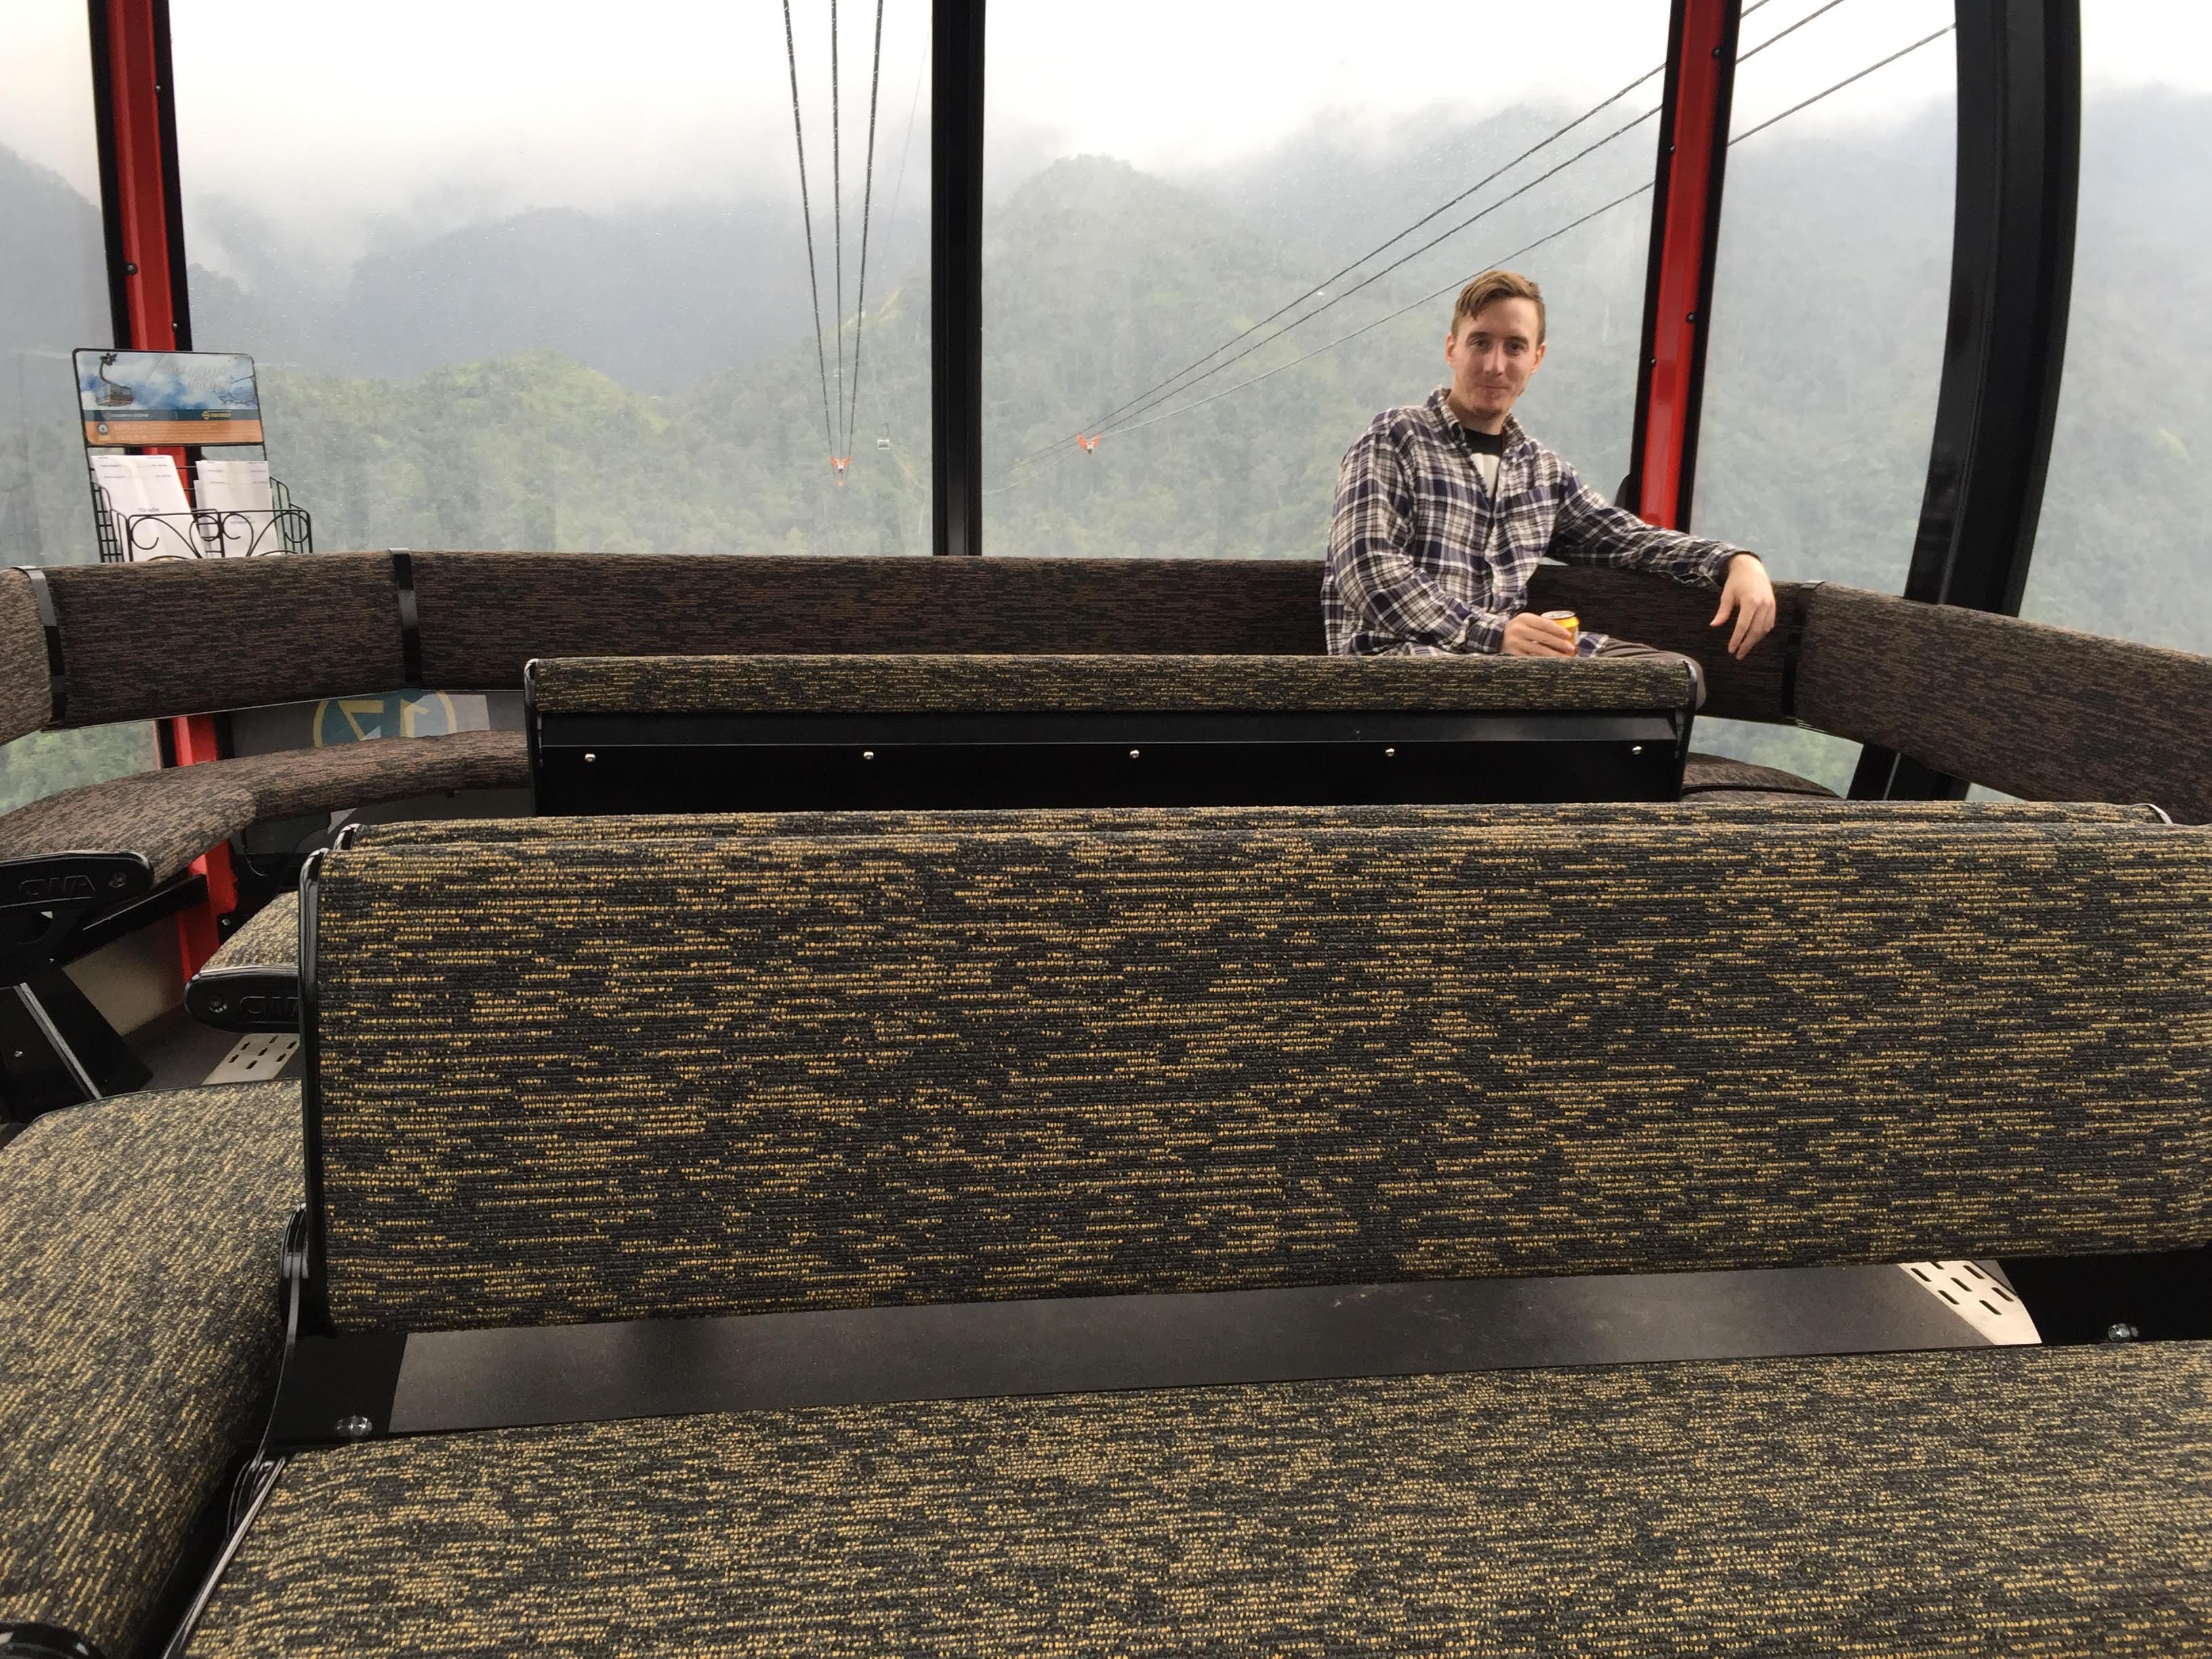 Trip ke Gunung Fansipan dengan Naik Cable Car di Himalaya